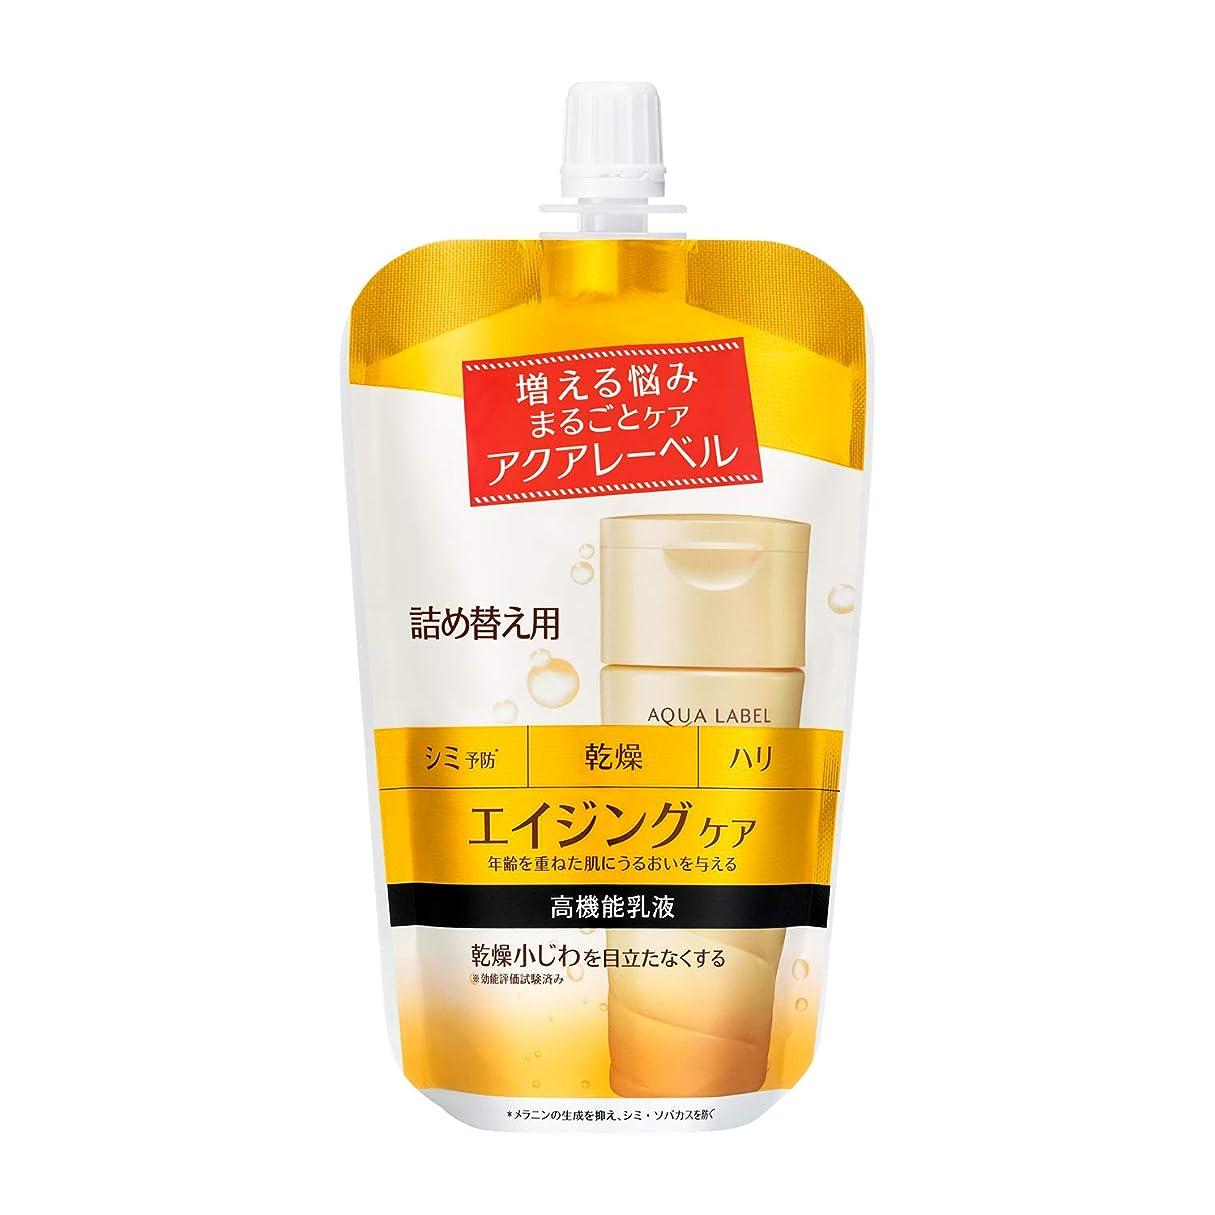 老人クレアミッションアクアレーベル バウンシングケア ミルク (詰め替え用) 117mL 【医薬部外品】